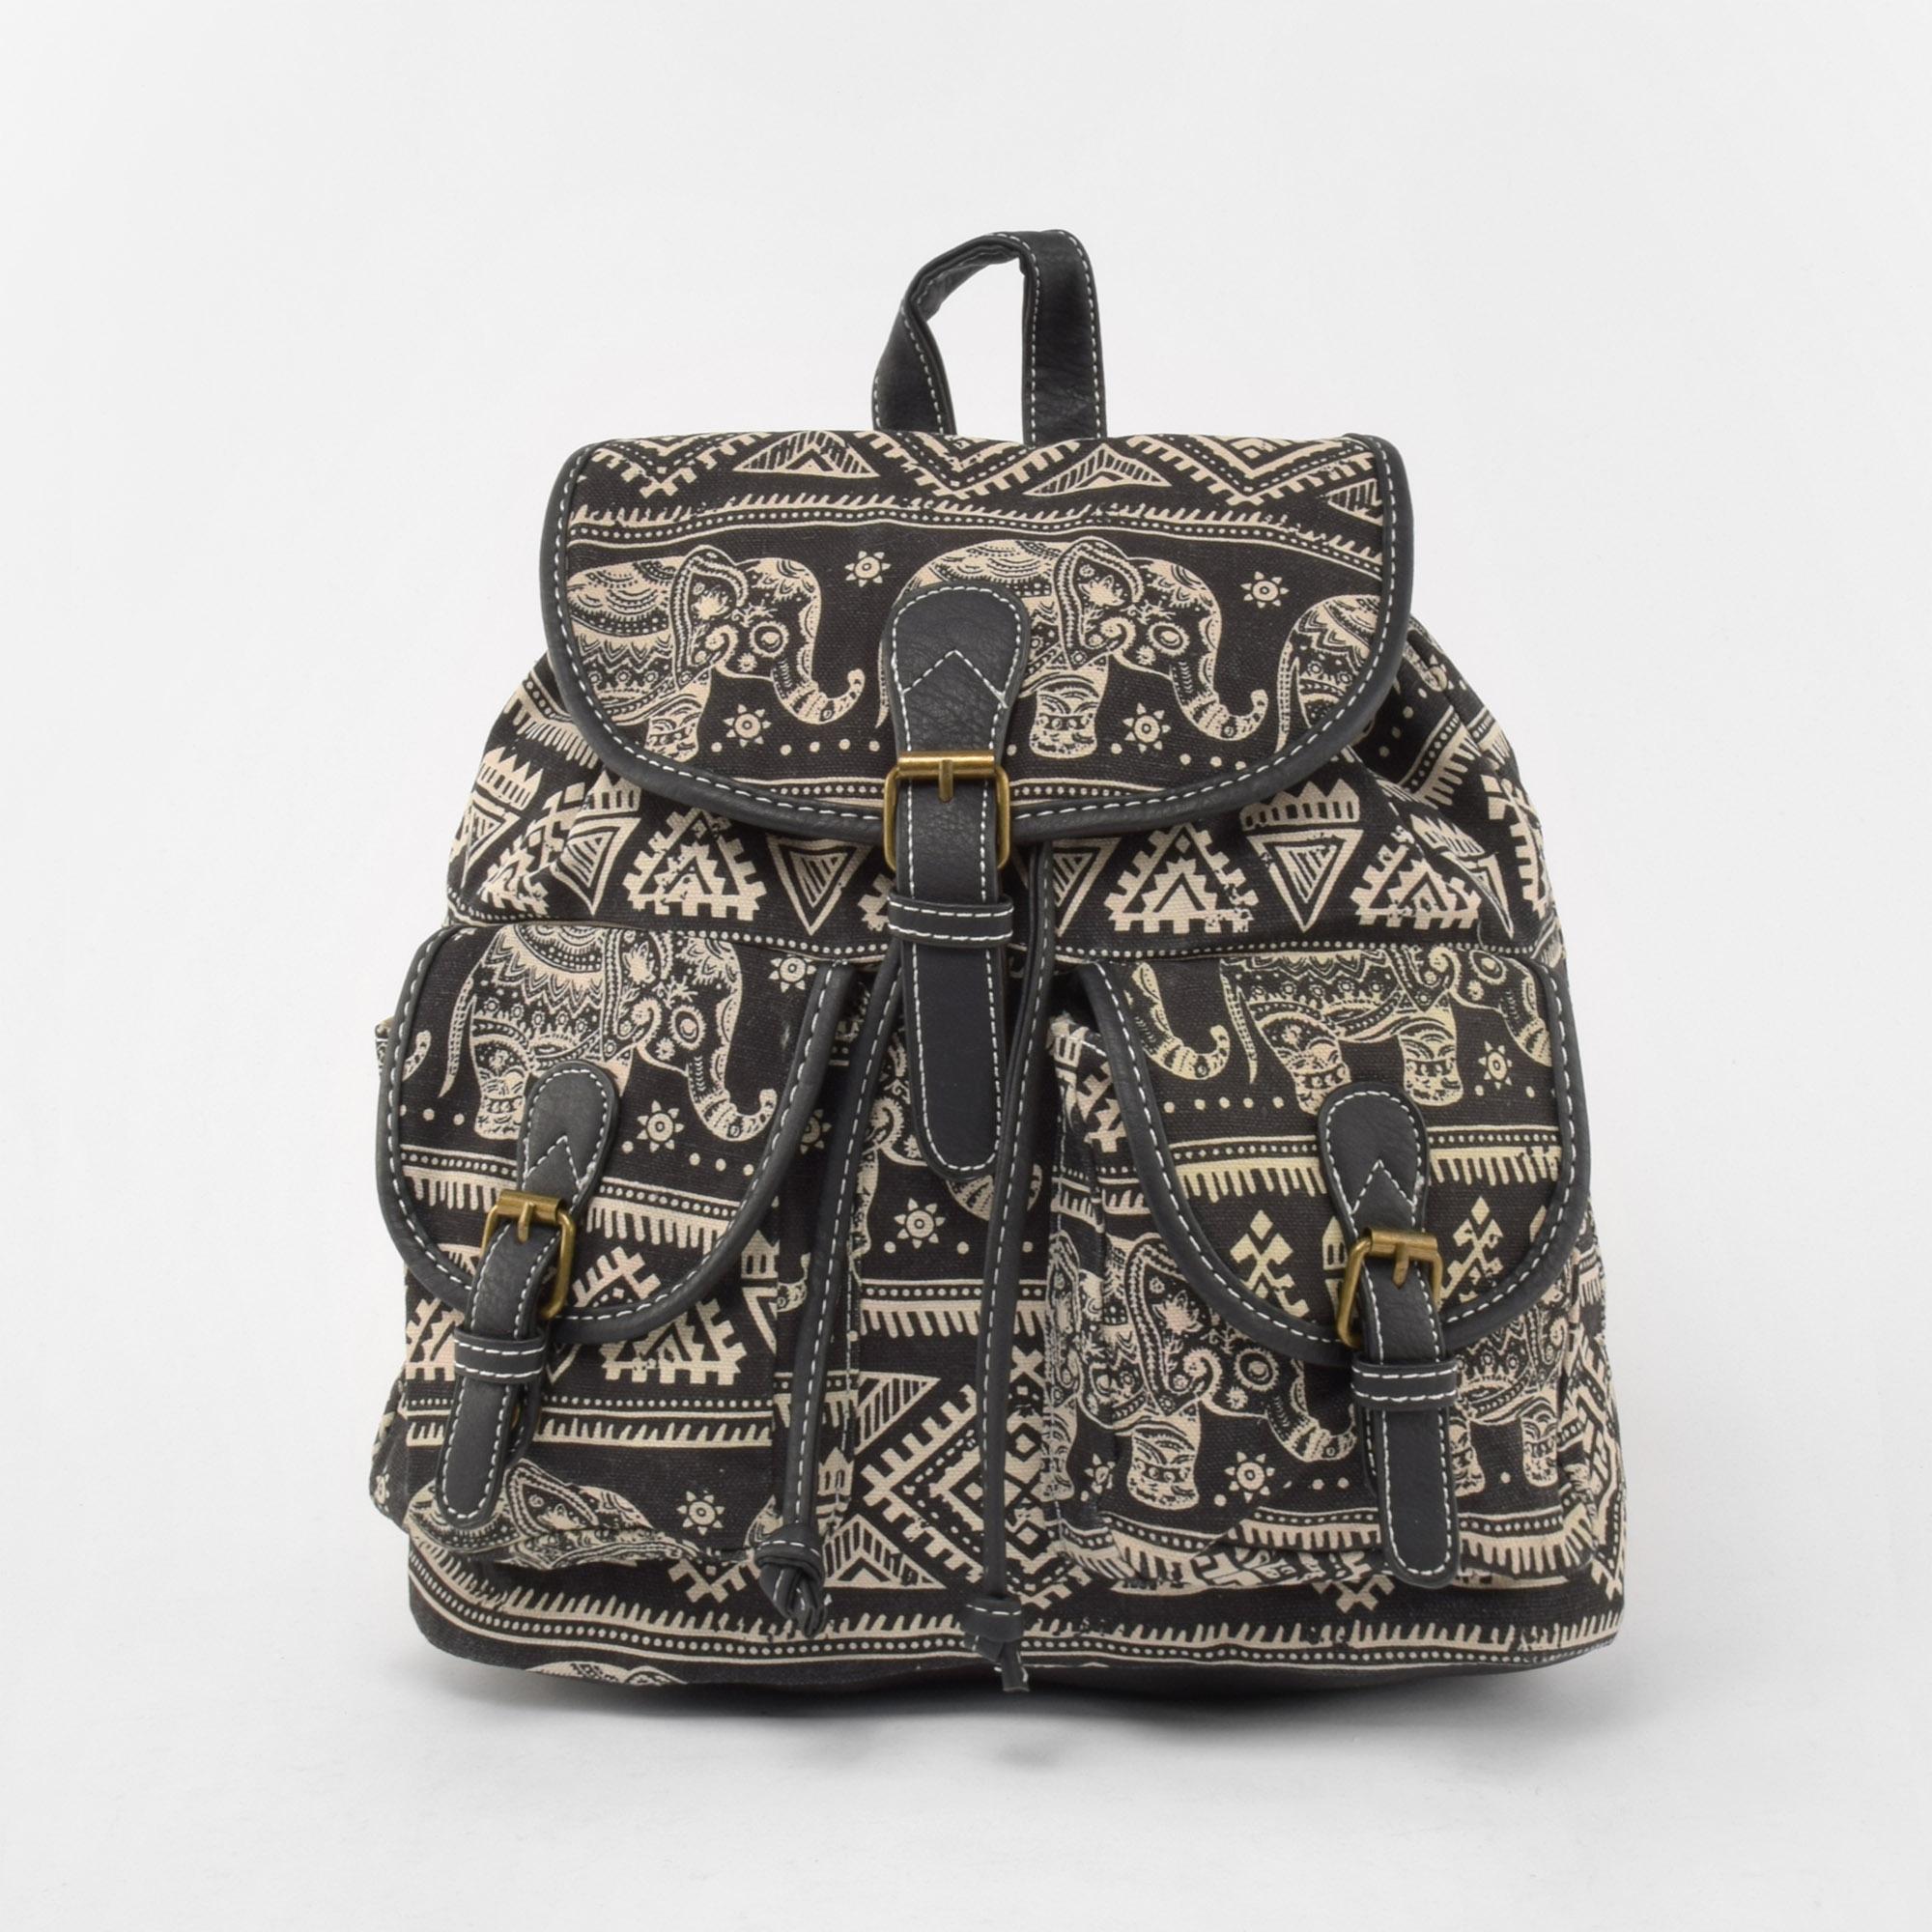 a1bcfa13387b Női Elefánt mintás Fekete Vászon Hátizsák - Vászon - Táska webáruház -  Minőségi táskák mindenkinek